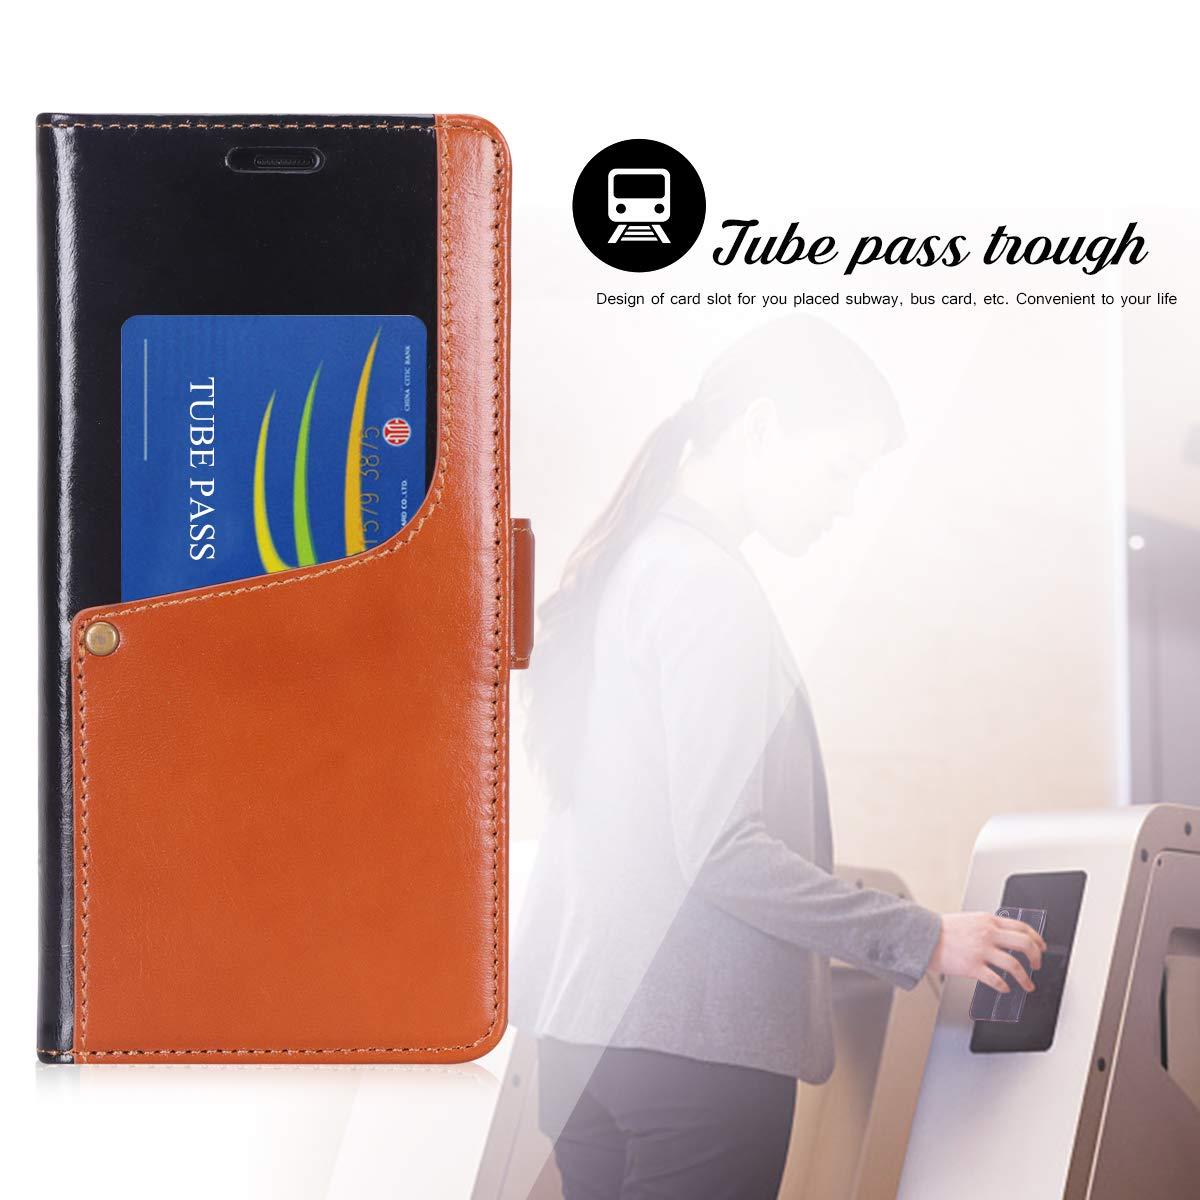 Amazon.com: Toplive Note 9 - Funda de piel de vaca con ...